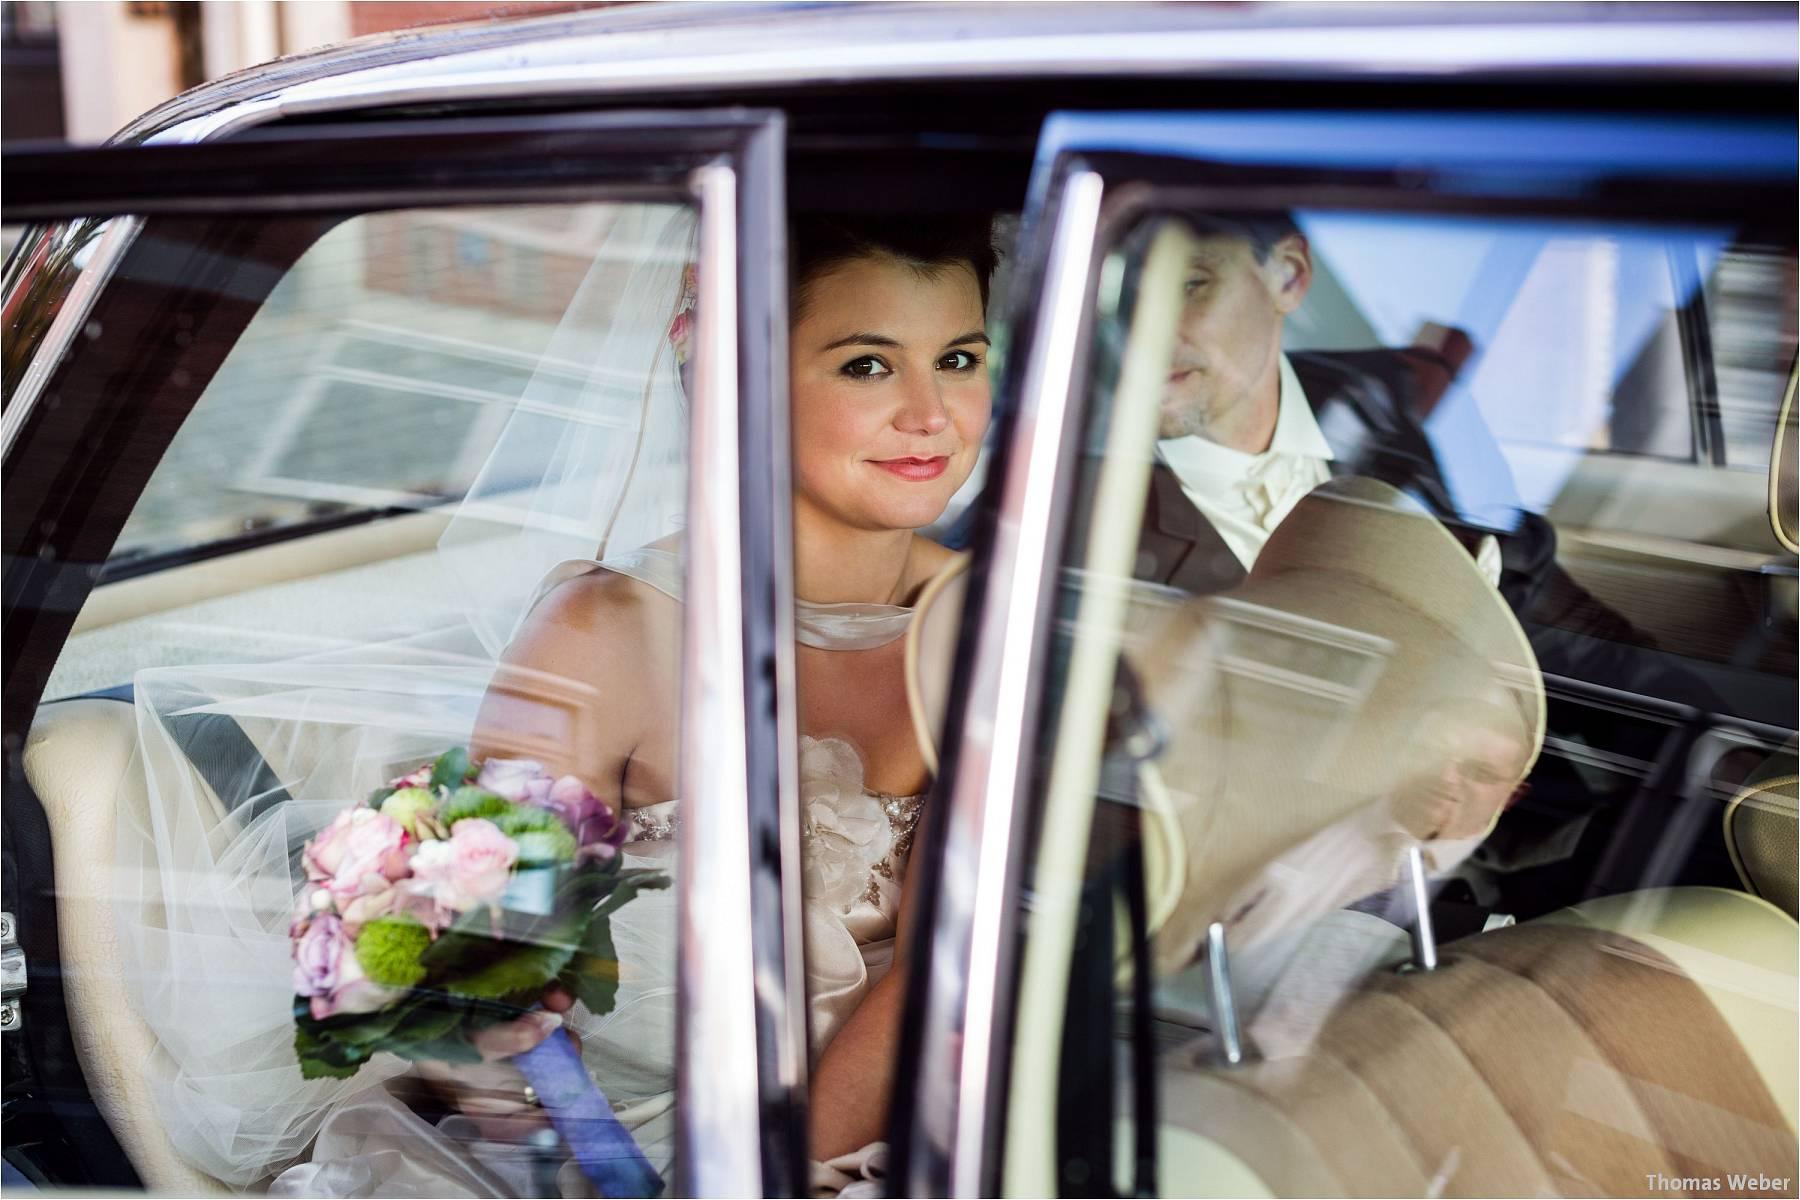 Hochzeitsfotograf Bremen: Kirchliche Trauung in der Propsteikirche St. Johann im Bremer Schnoor und Hochzeitsfeier bei Rogge Dünsen (2)